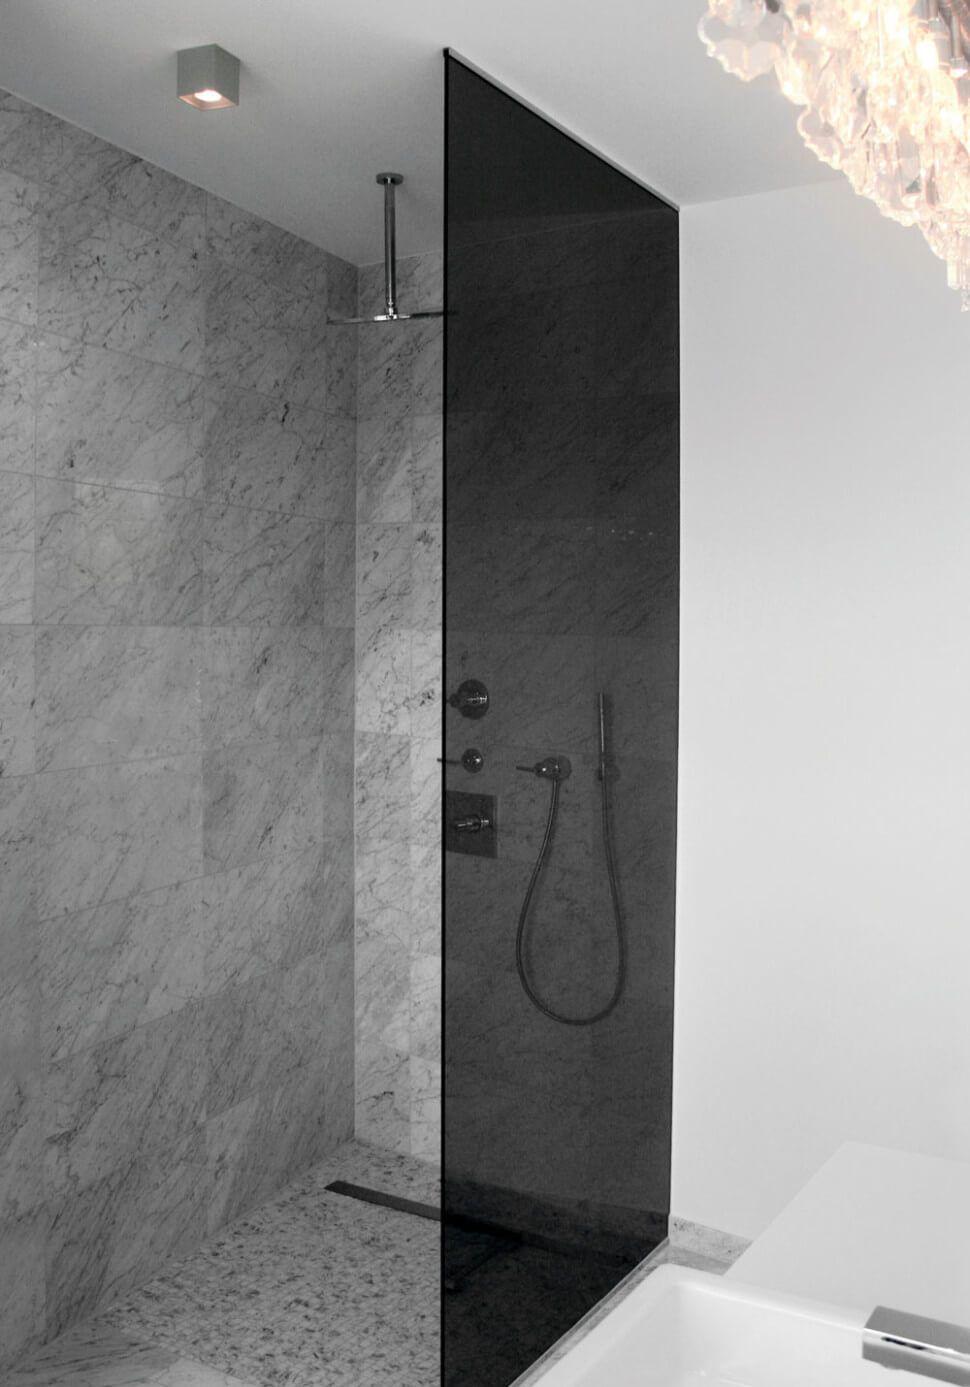 Apartmenthotel Design Concept